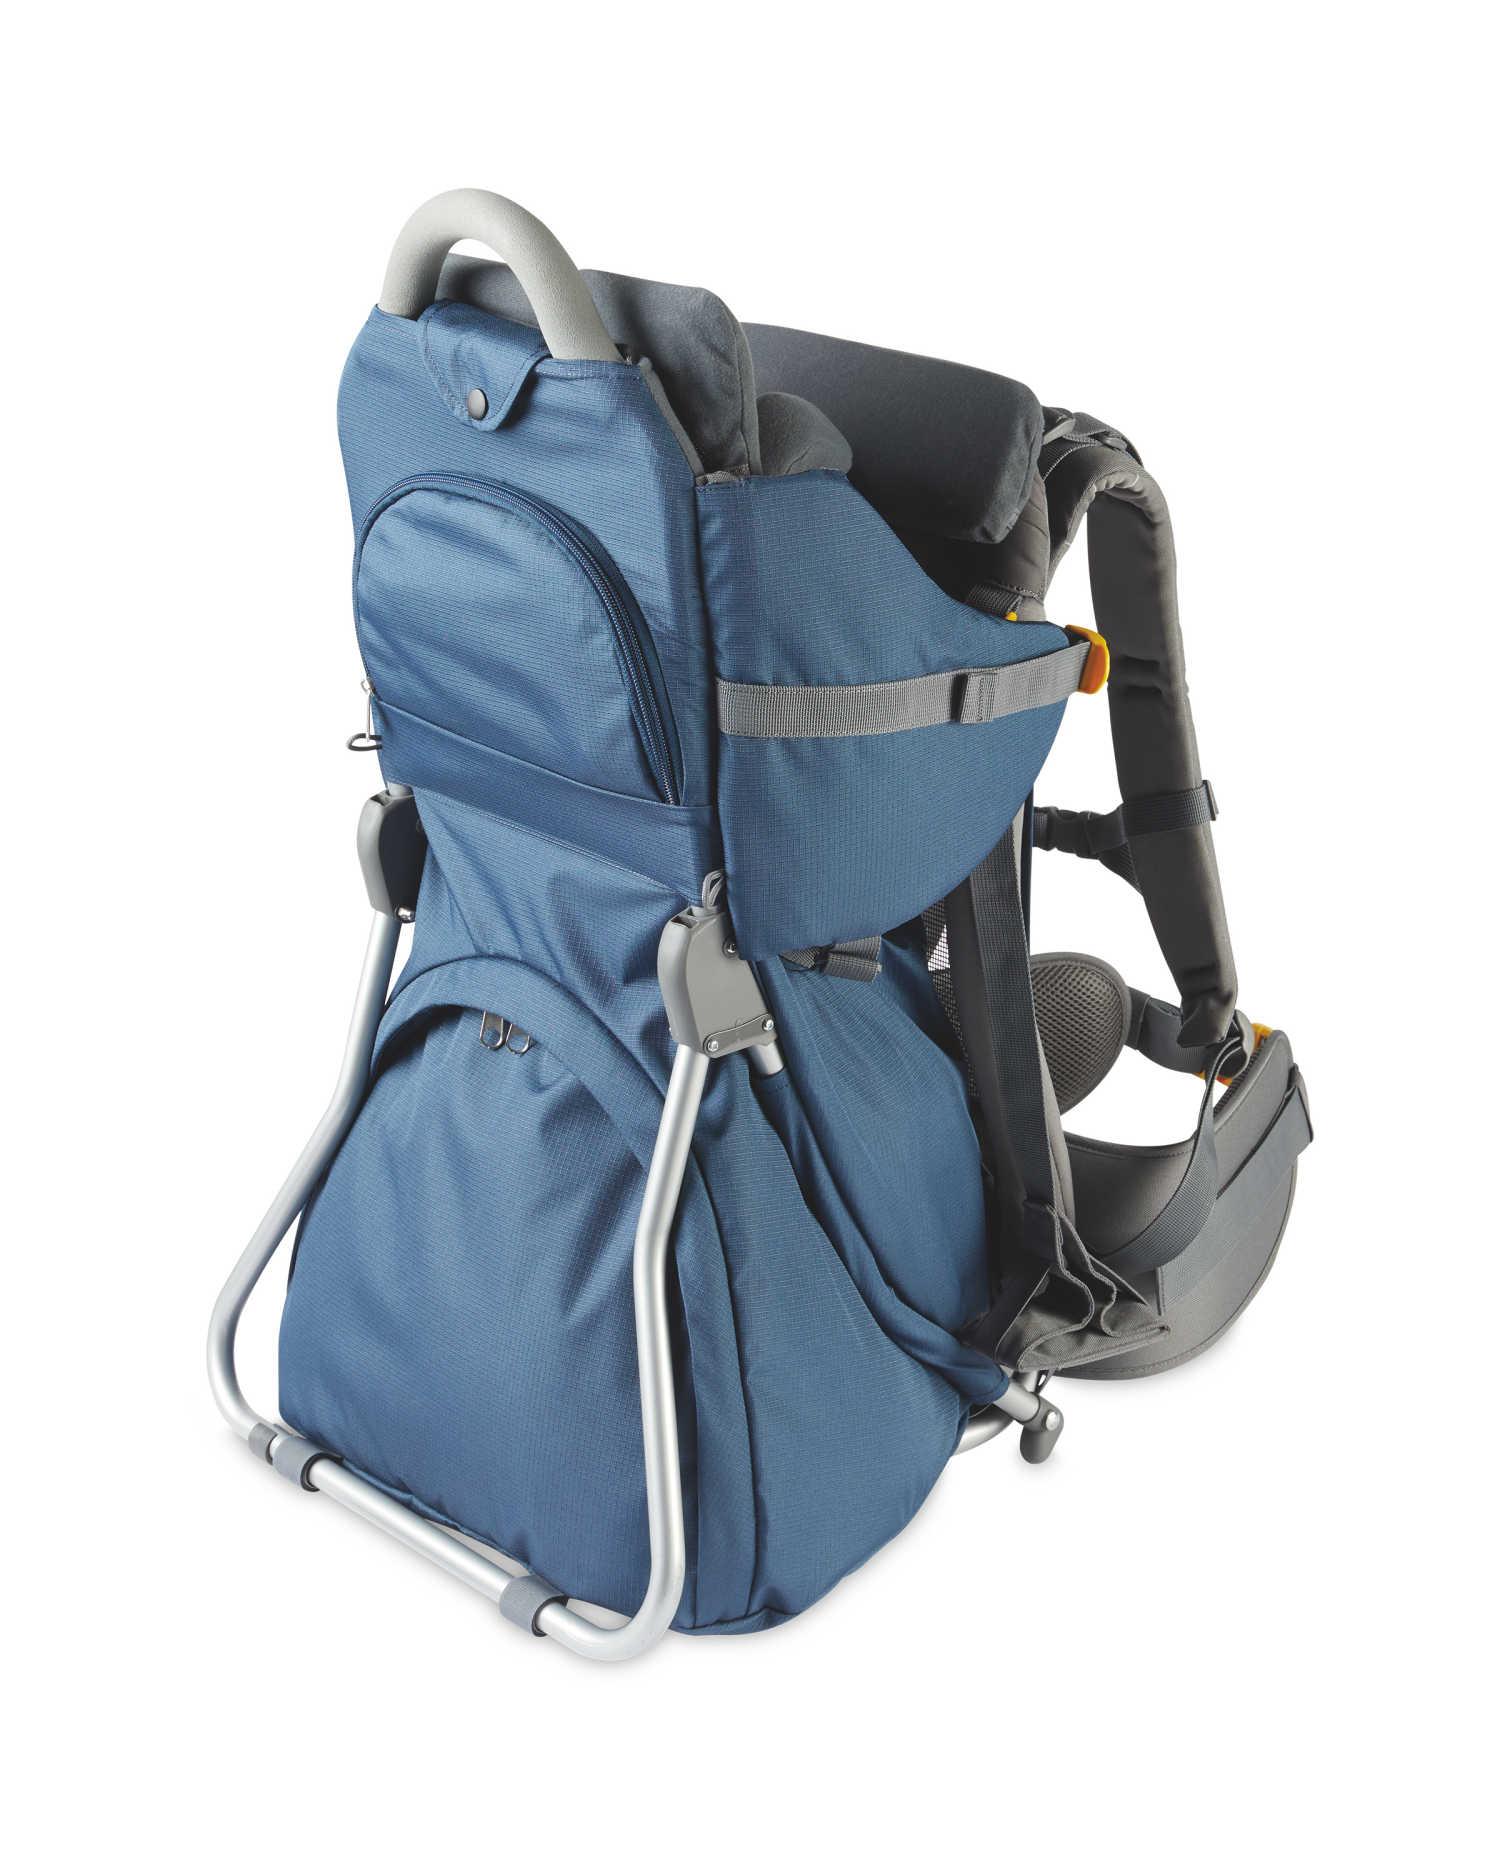 Blue Hiking Baby Carrier £73.94 delivered at Aldi